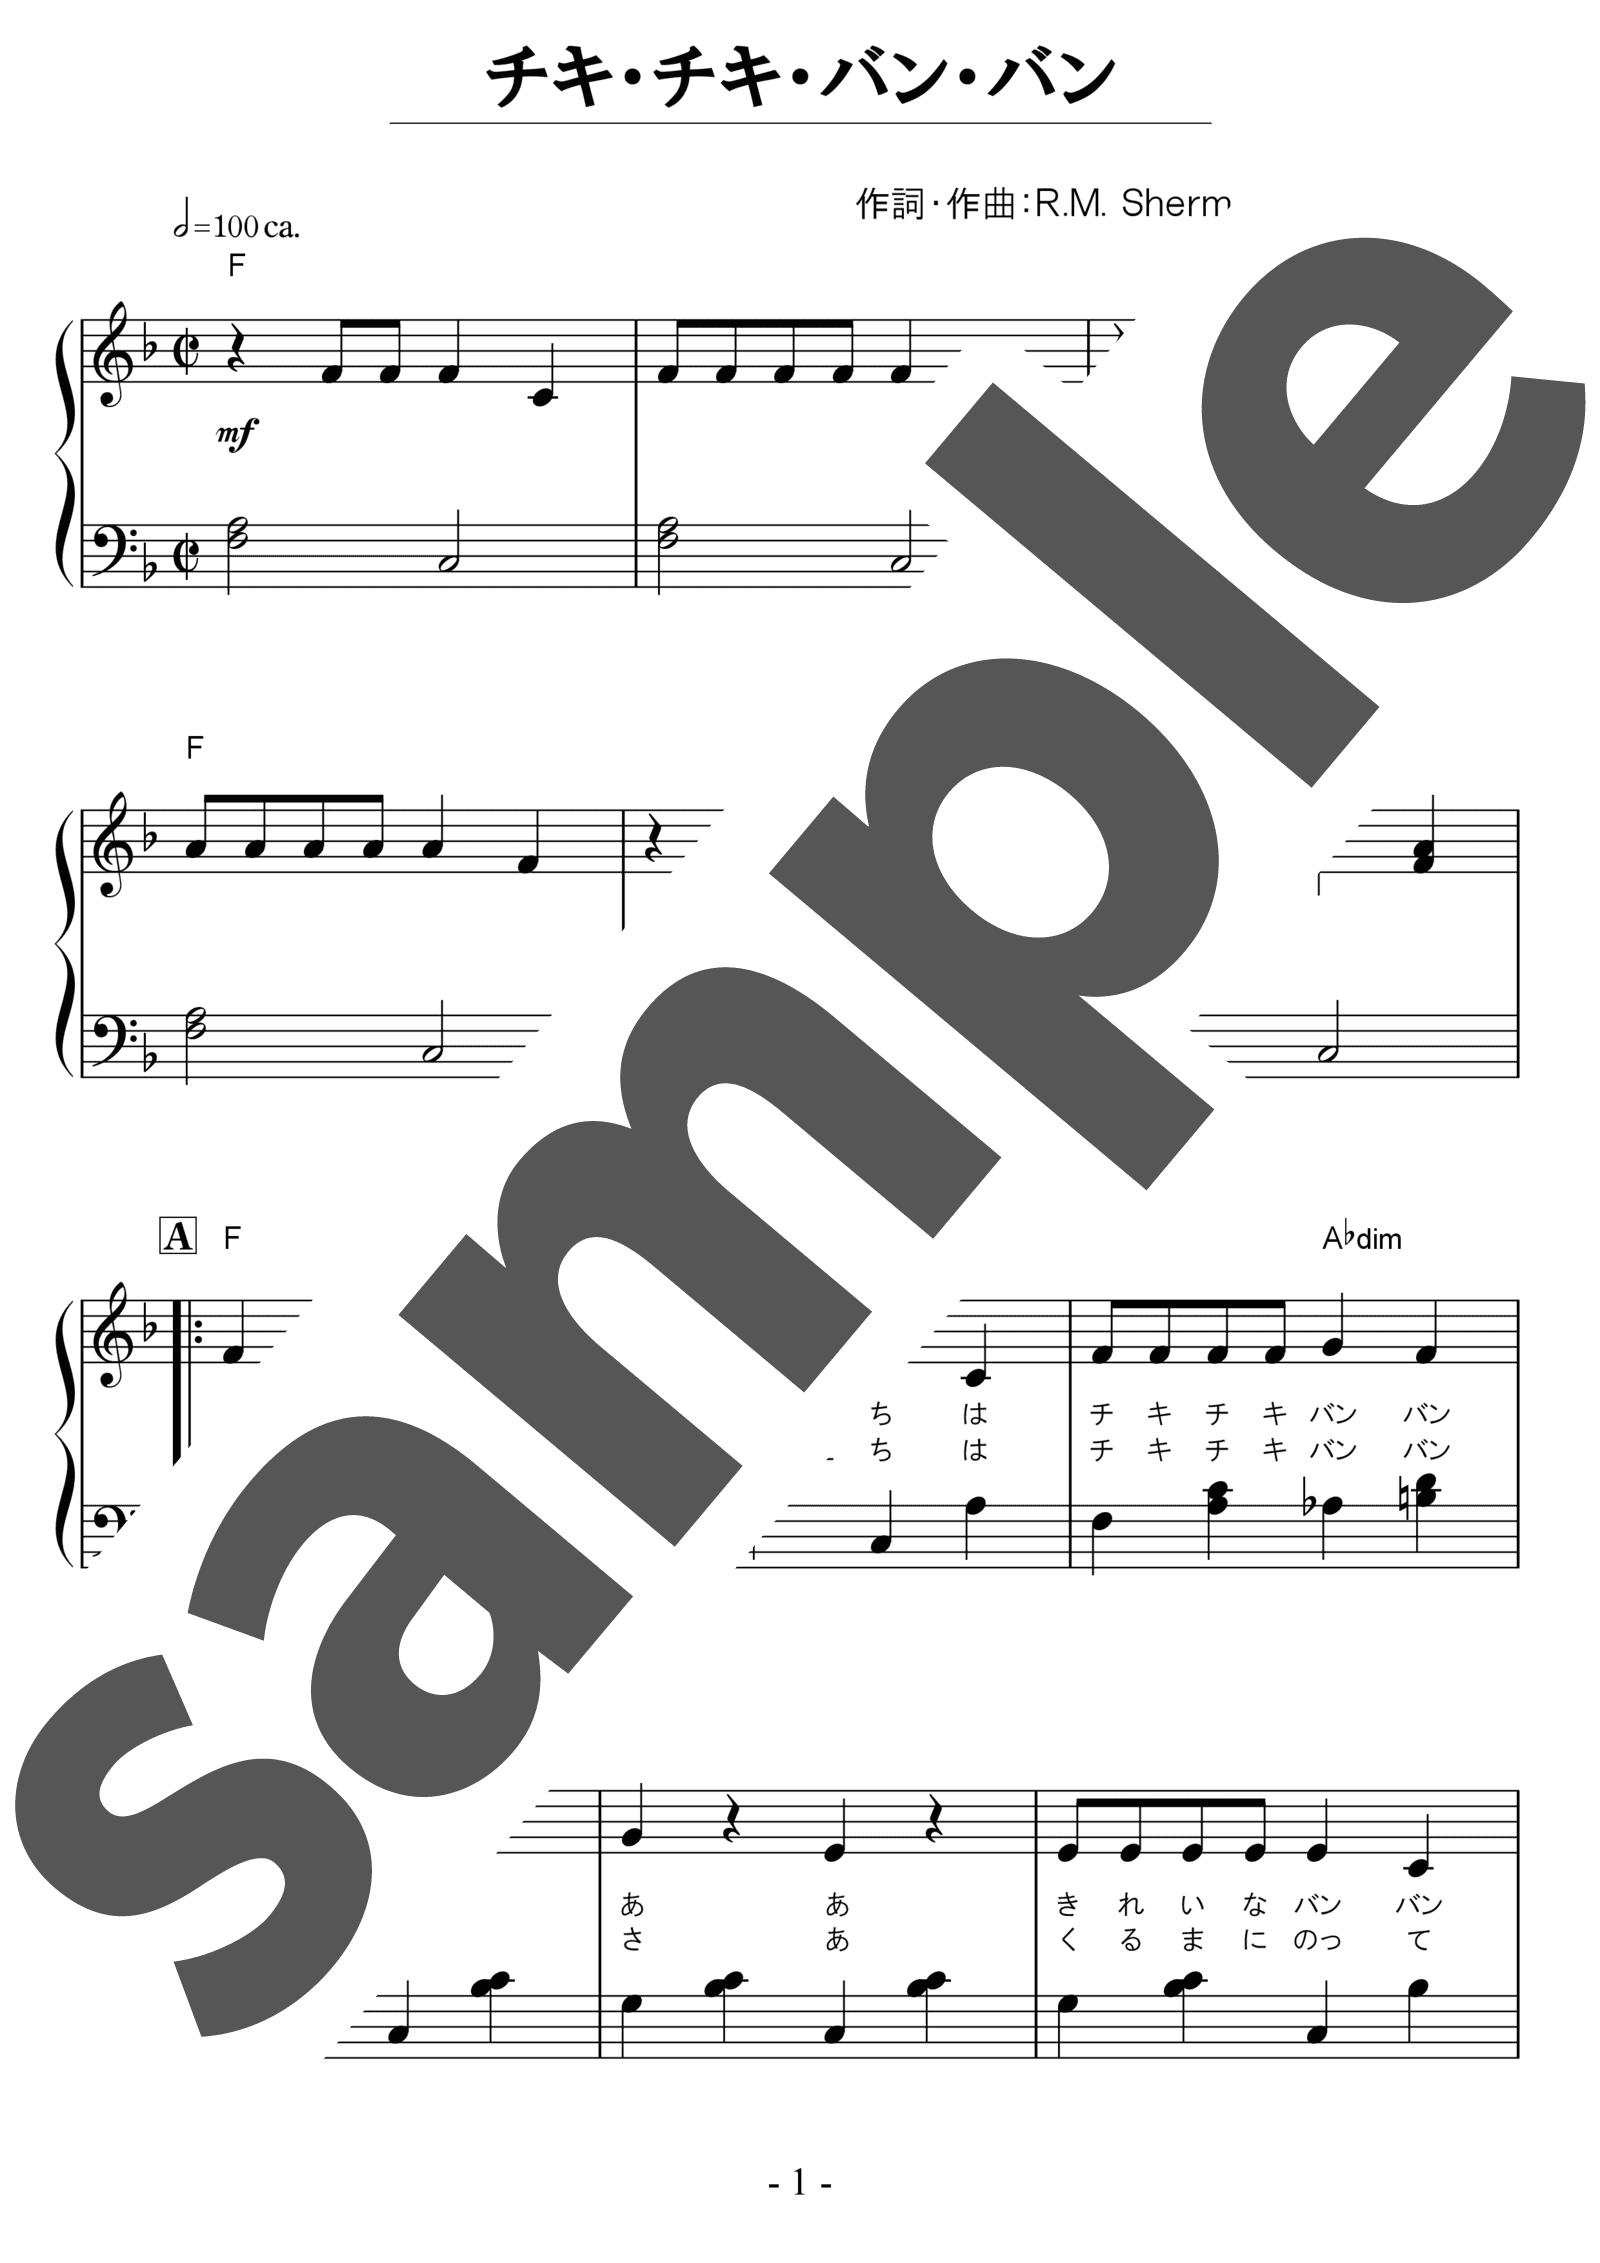 「チキチキバンバン」のサンプル楽譜